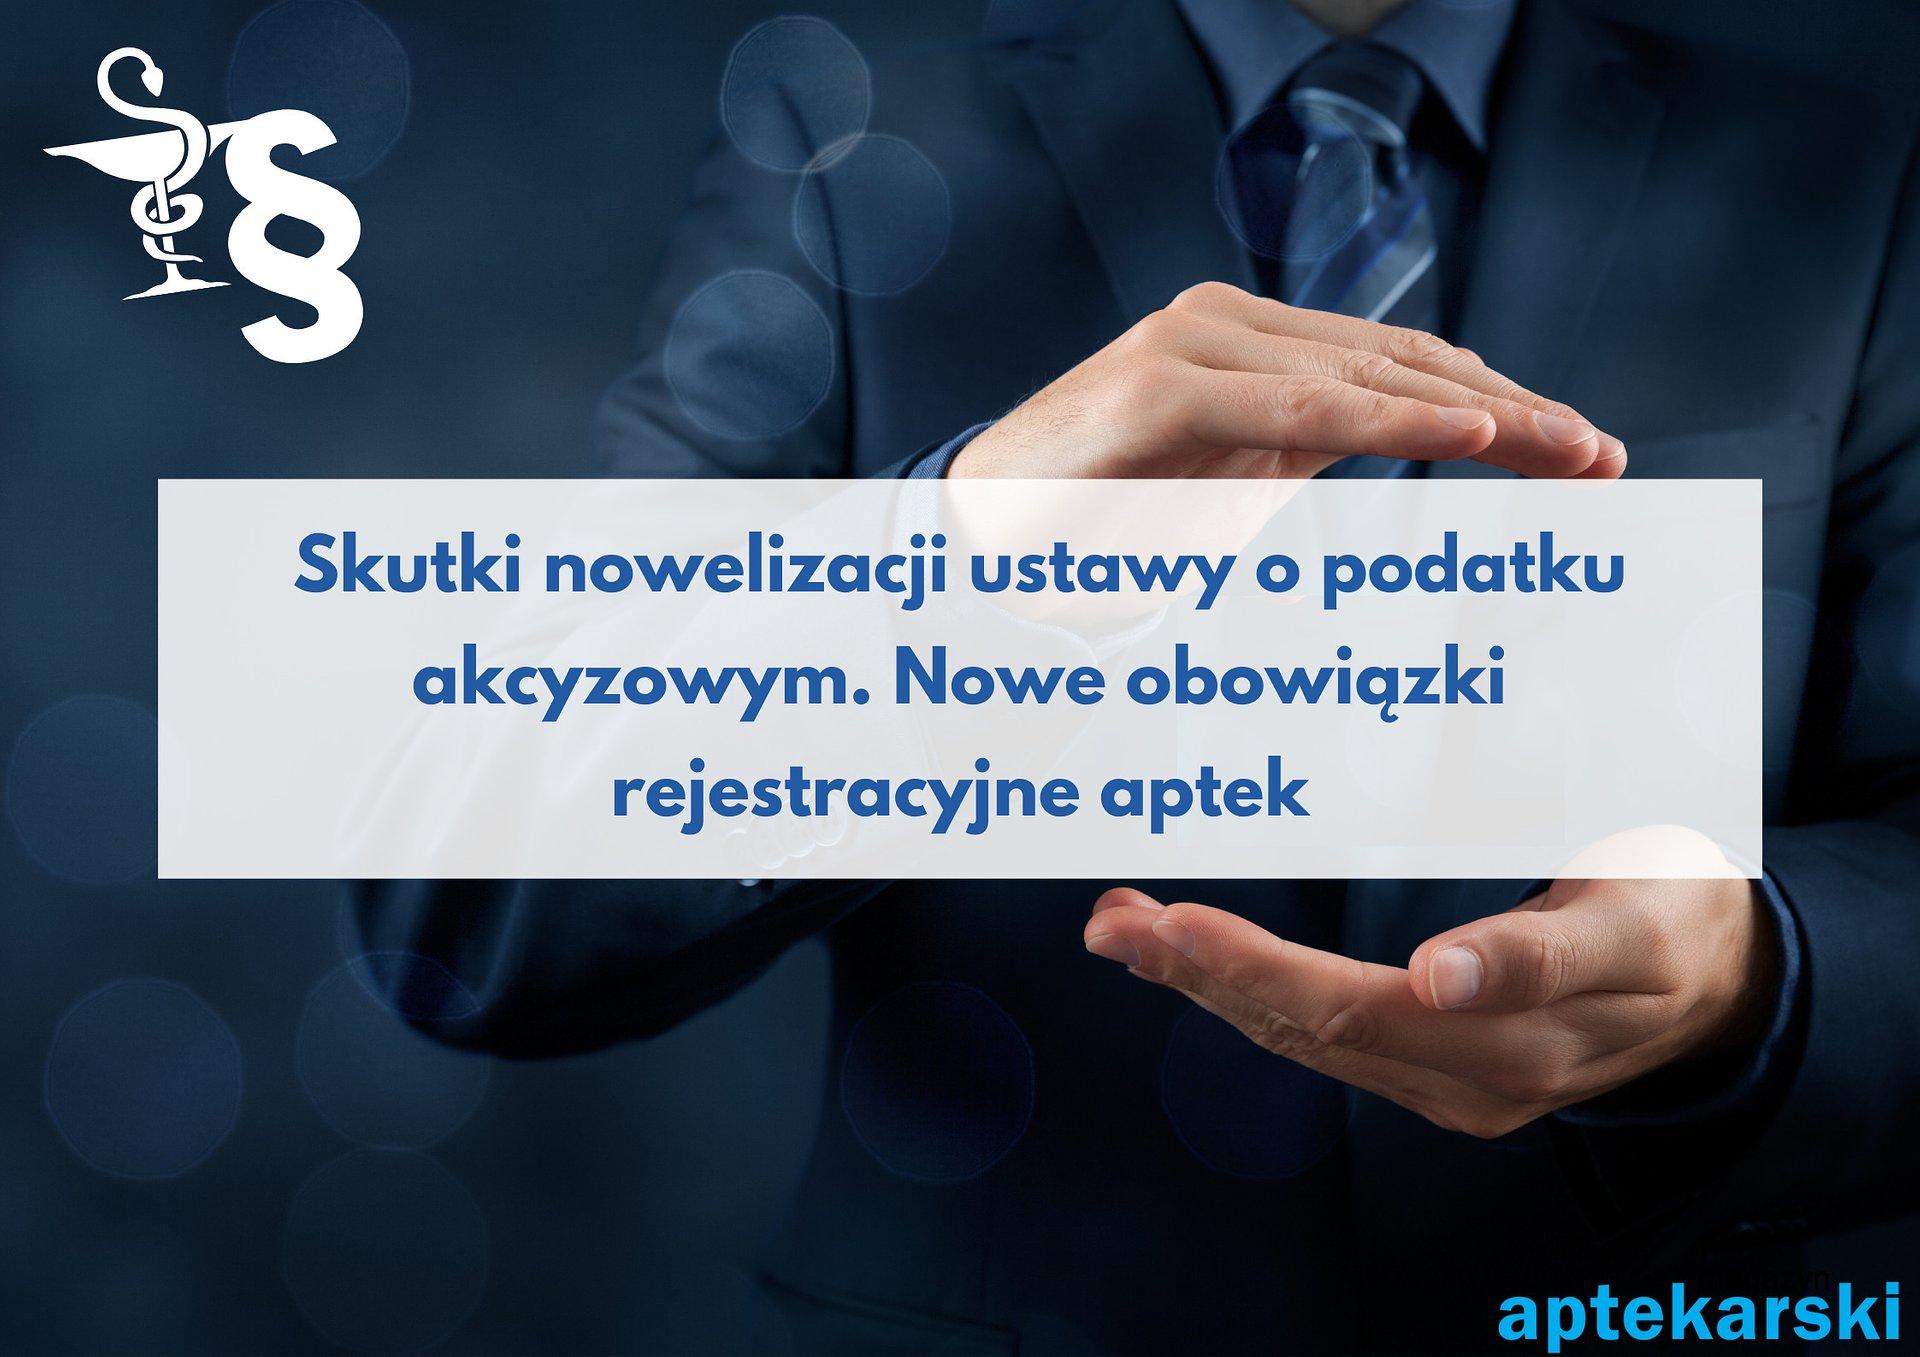 Skutki nowelizacji ustawy o podatku akcyzowym. Nowe obowiązki rejestracyjne aptek